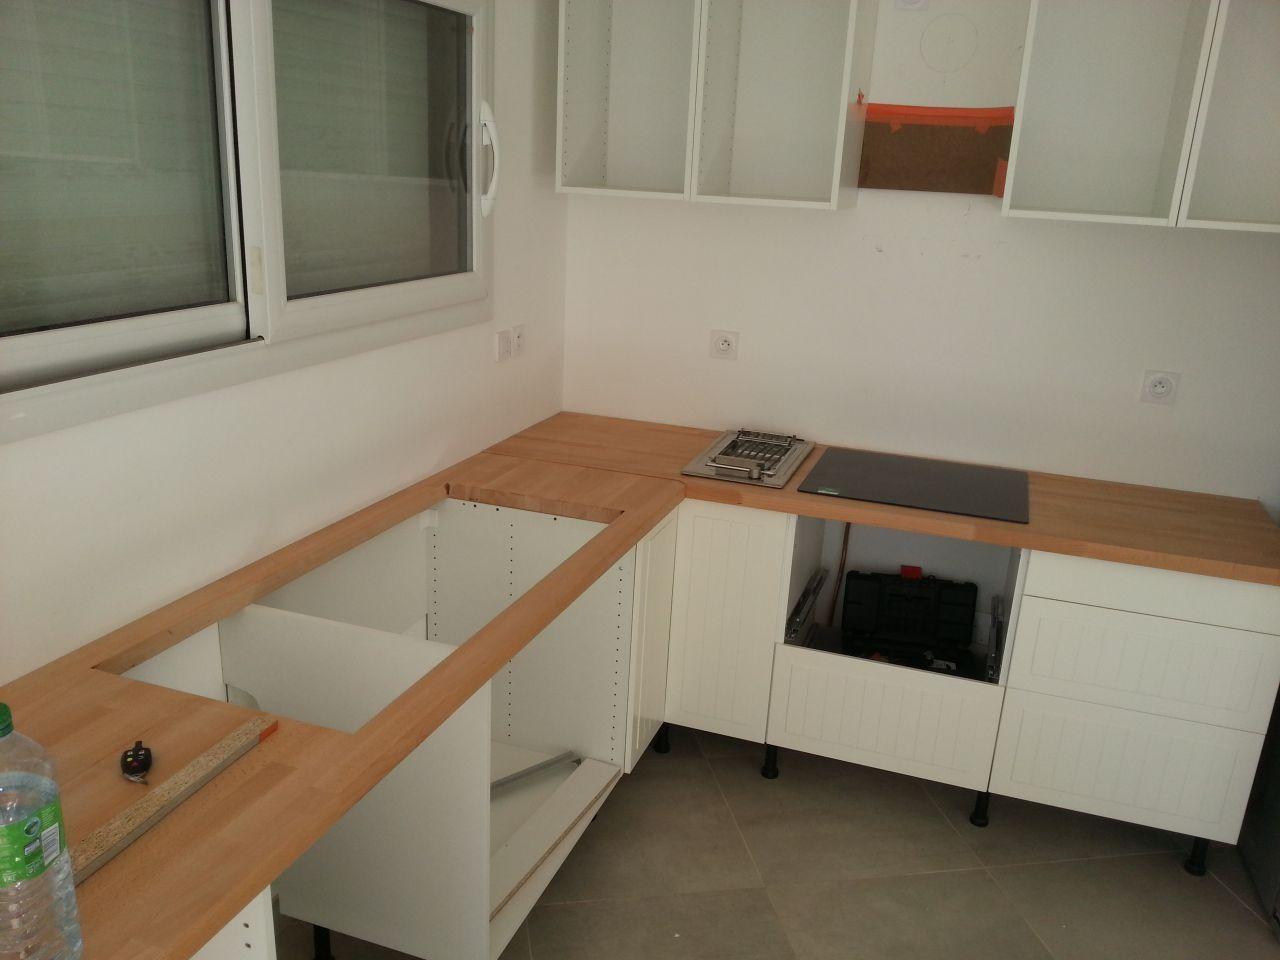 Cuisine Faire Un Plan De Travail Indogatecom Fabriquer Meuble Salle De Bain  Avec Plan De Travail